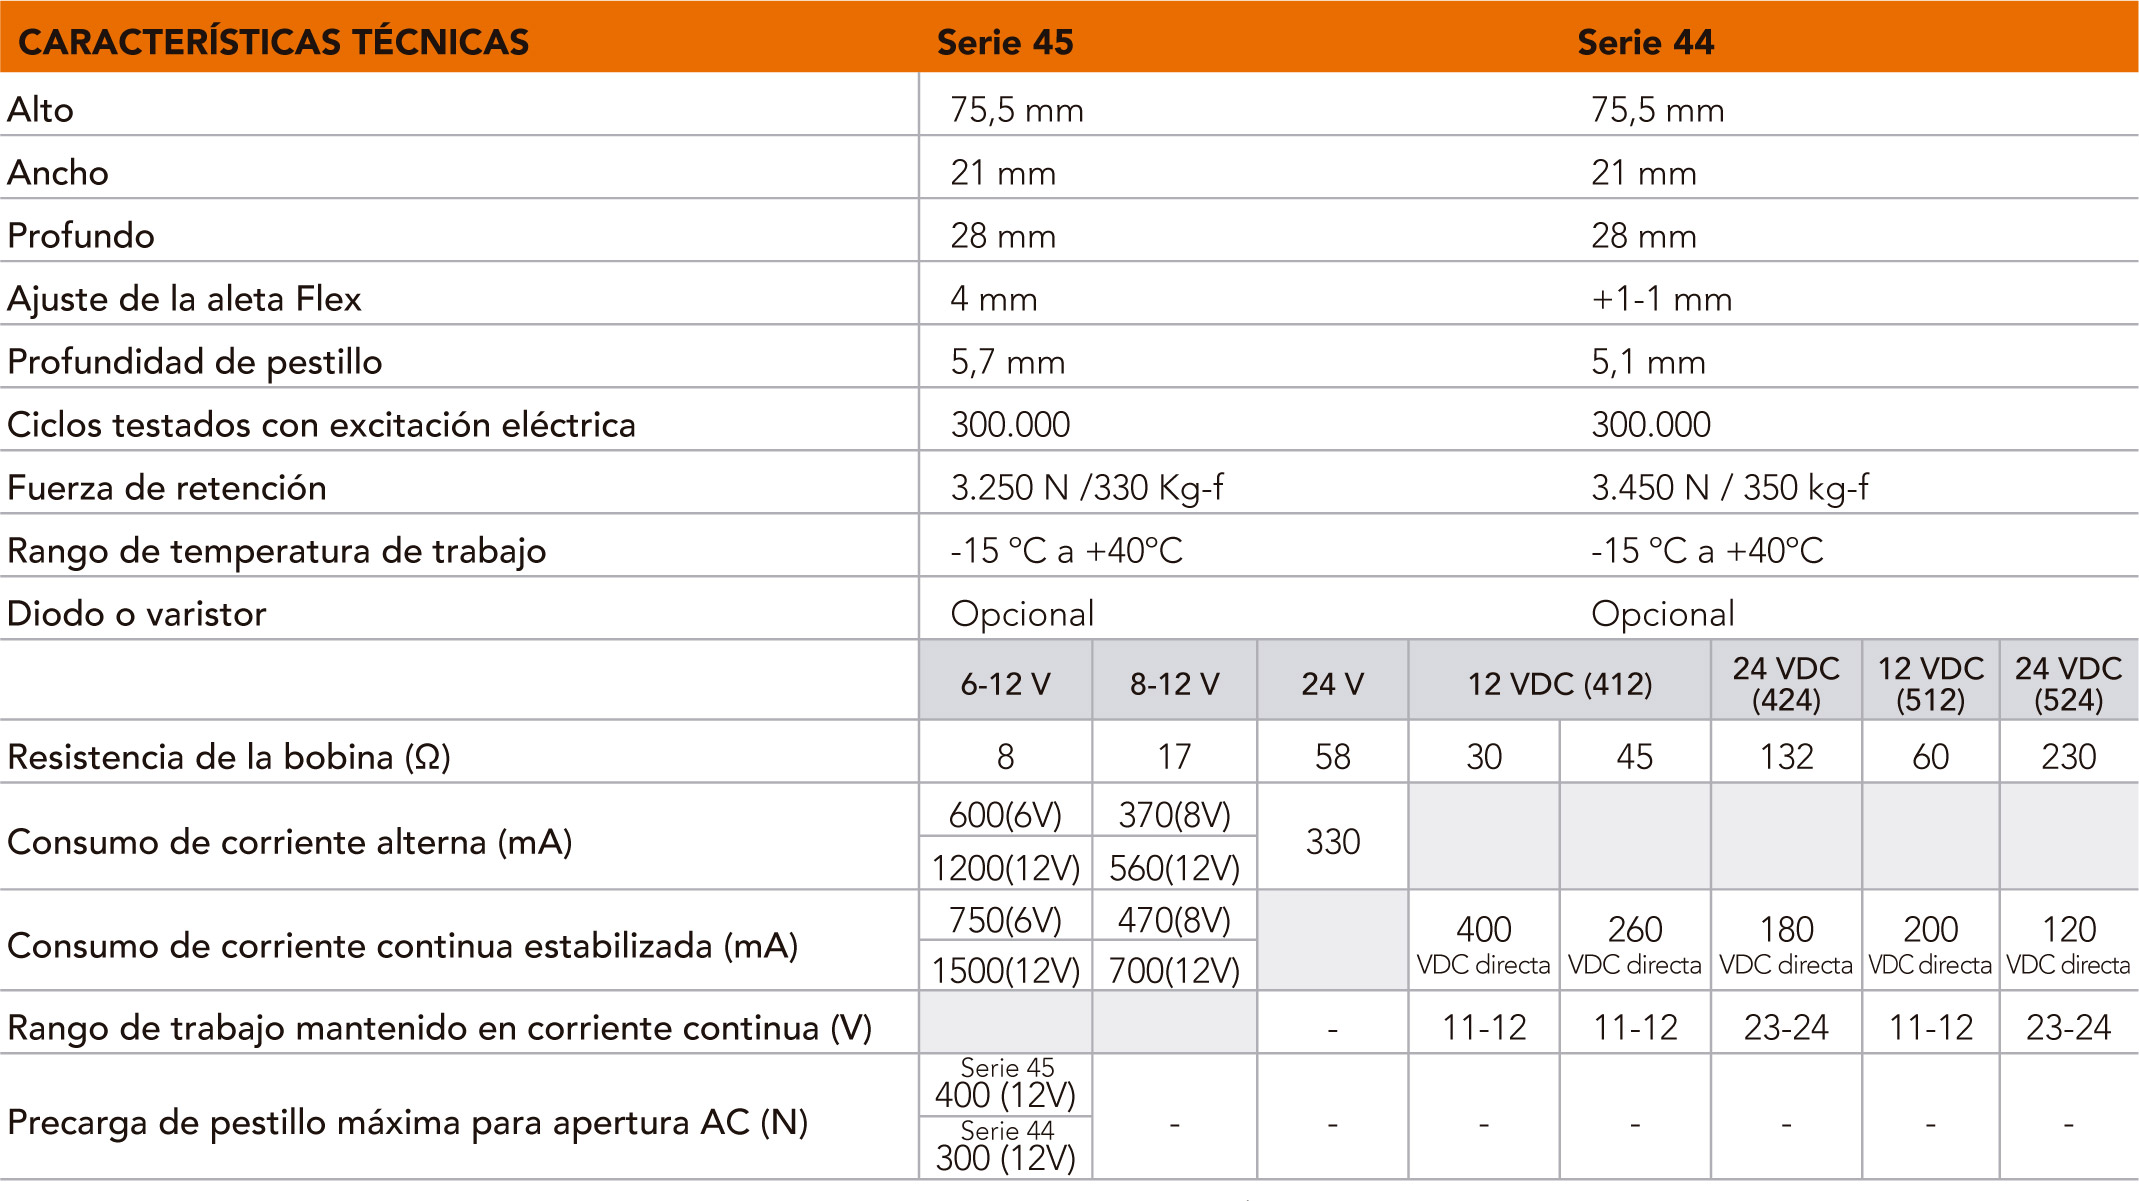 S45-44_caracteristicas